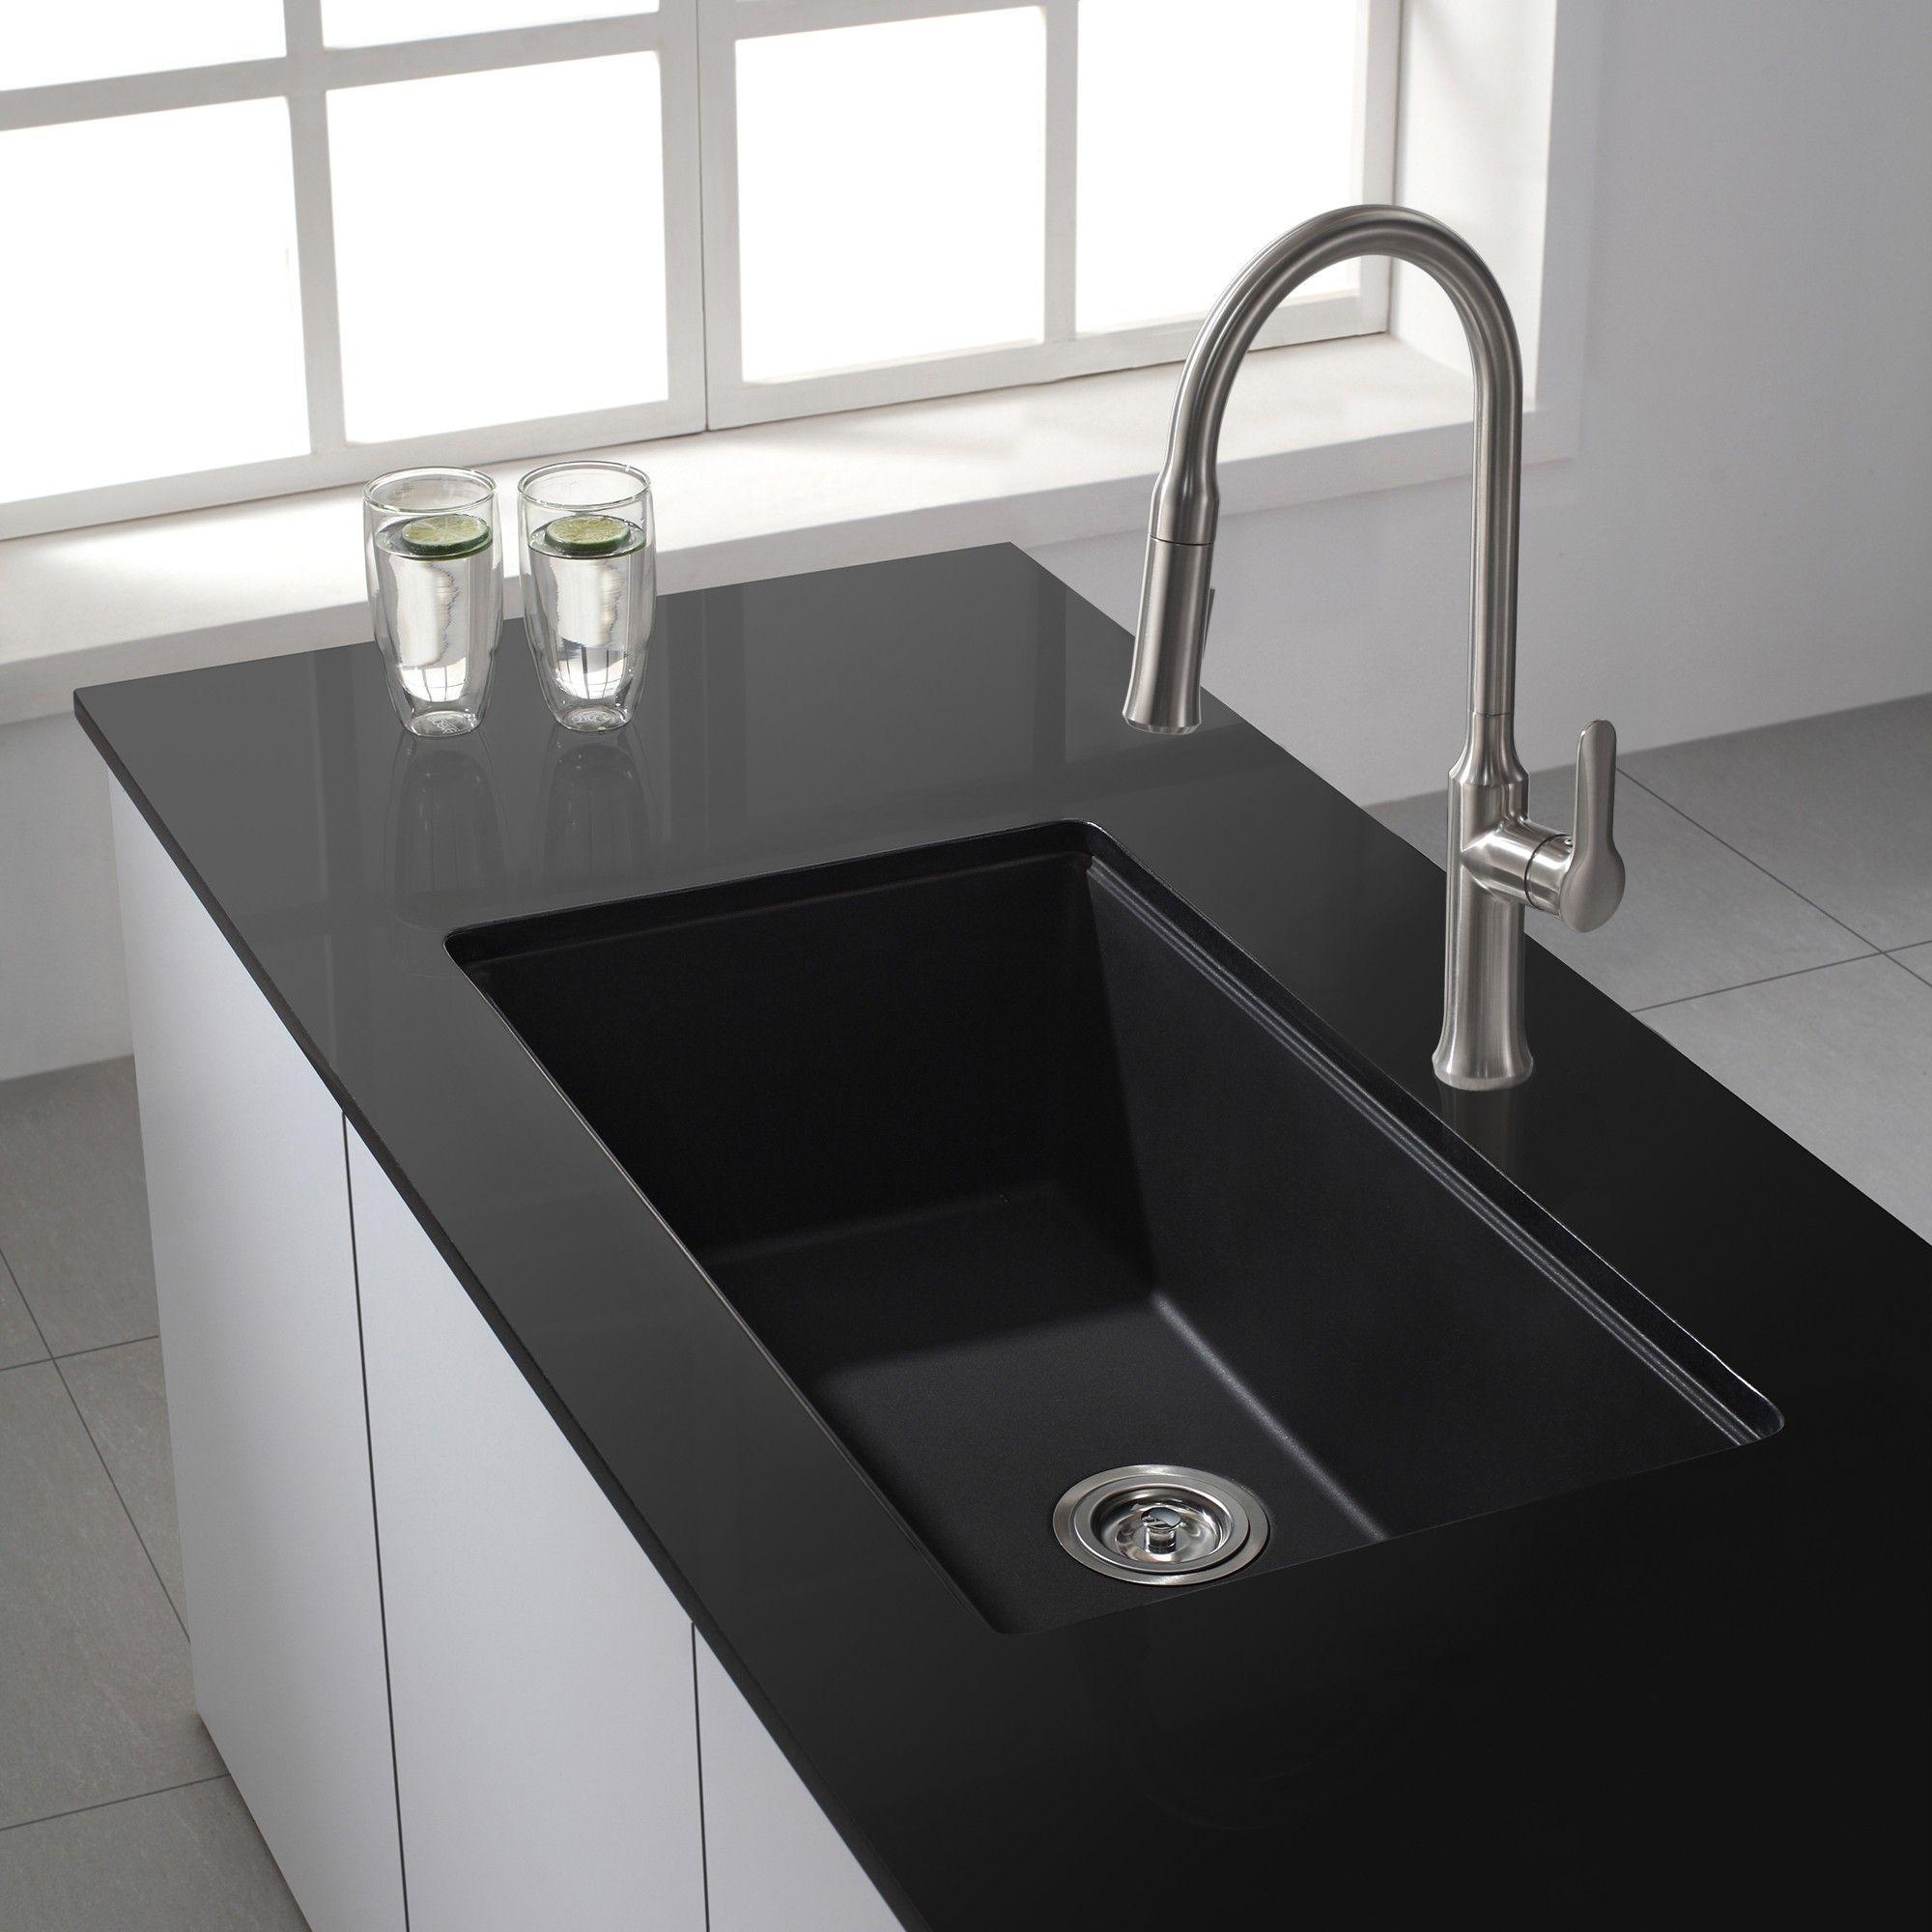 Granite Kitchen Sinks Kraususa Com Modern Kitchen Sinks Sink